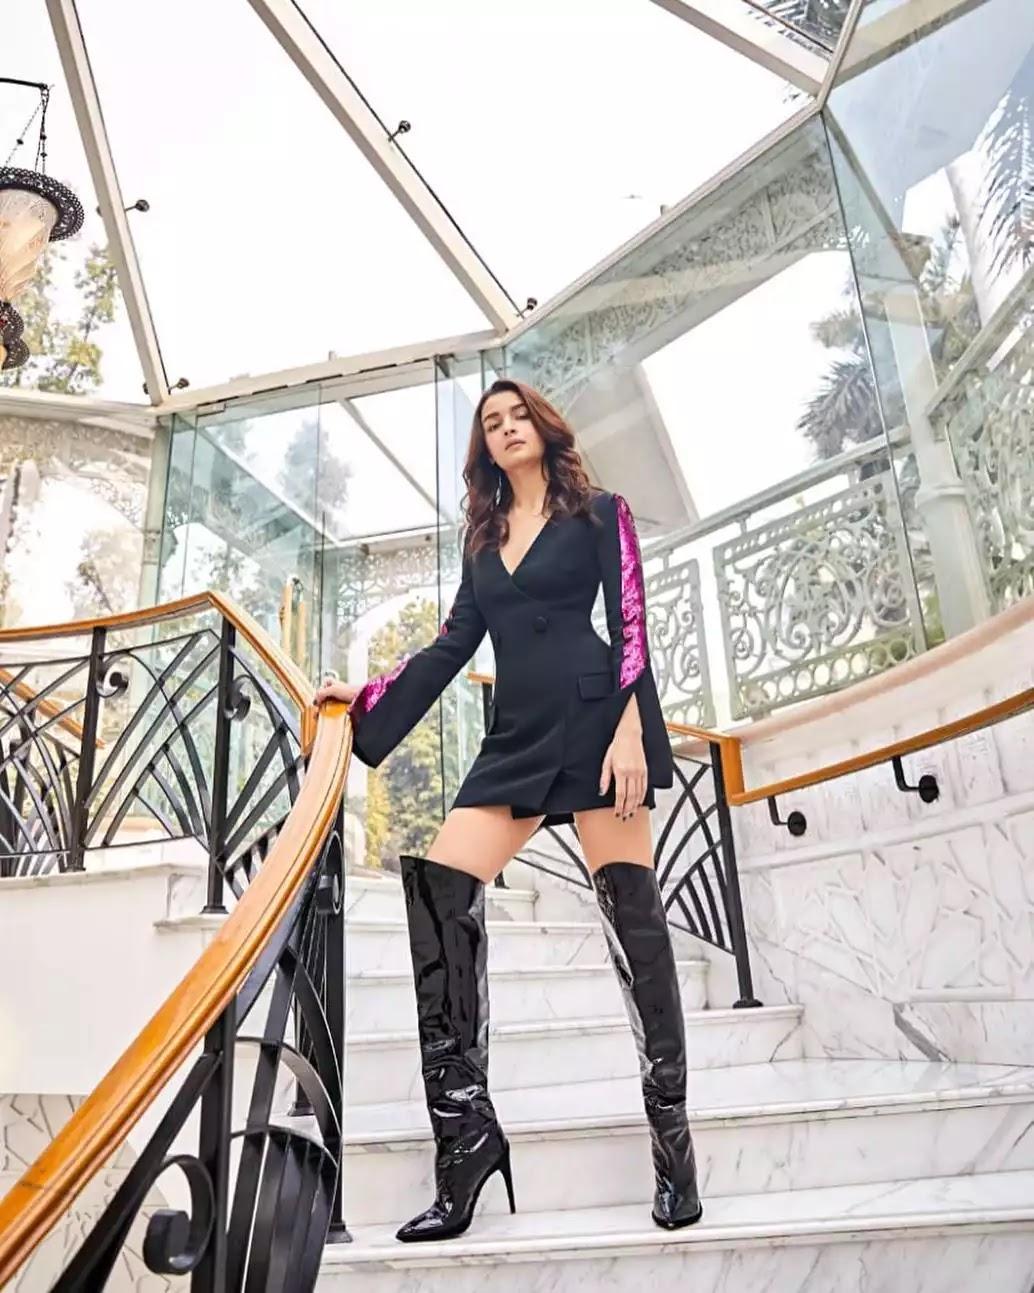 alia-bhatt-hot-looks-in-black-mini-blazer-dress